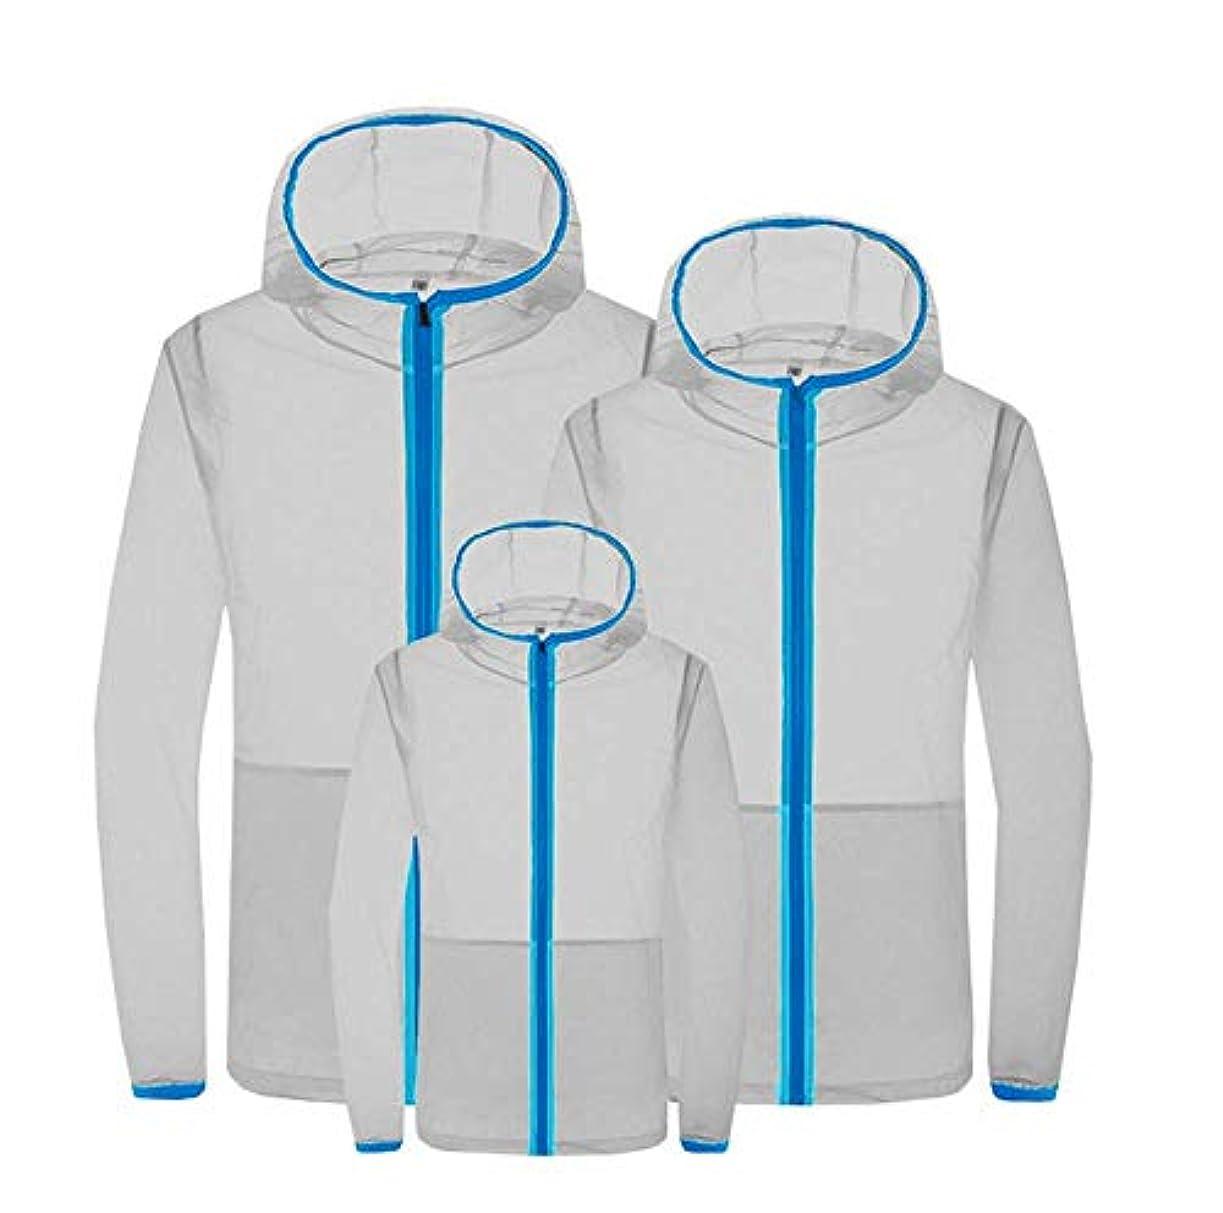 マイク勧める思いつく夏のエアコンスーツスマート3速冷却スーツ日焼け防止服防滴防蚊服ファン冷却肌の服,Gray,S